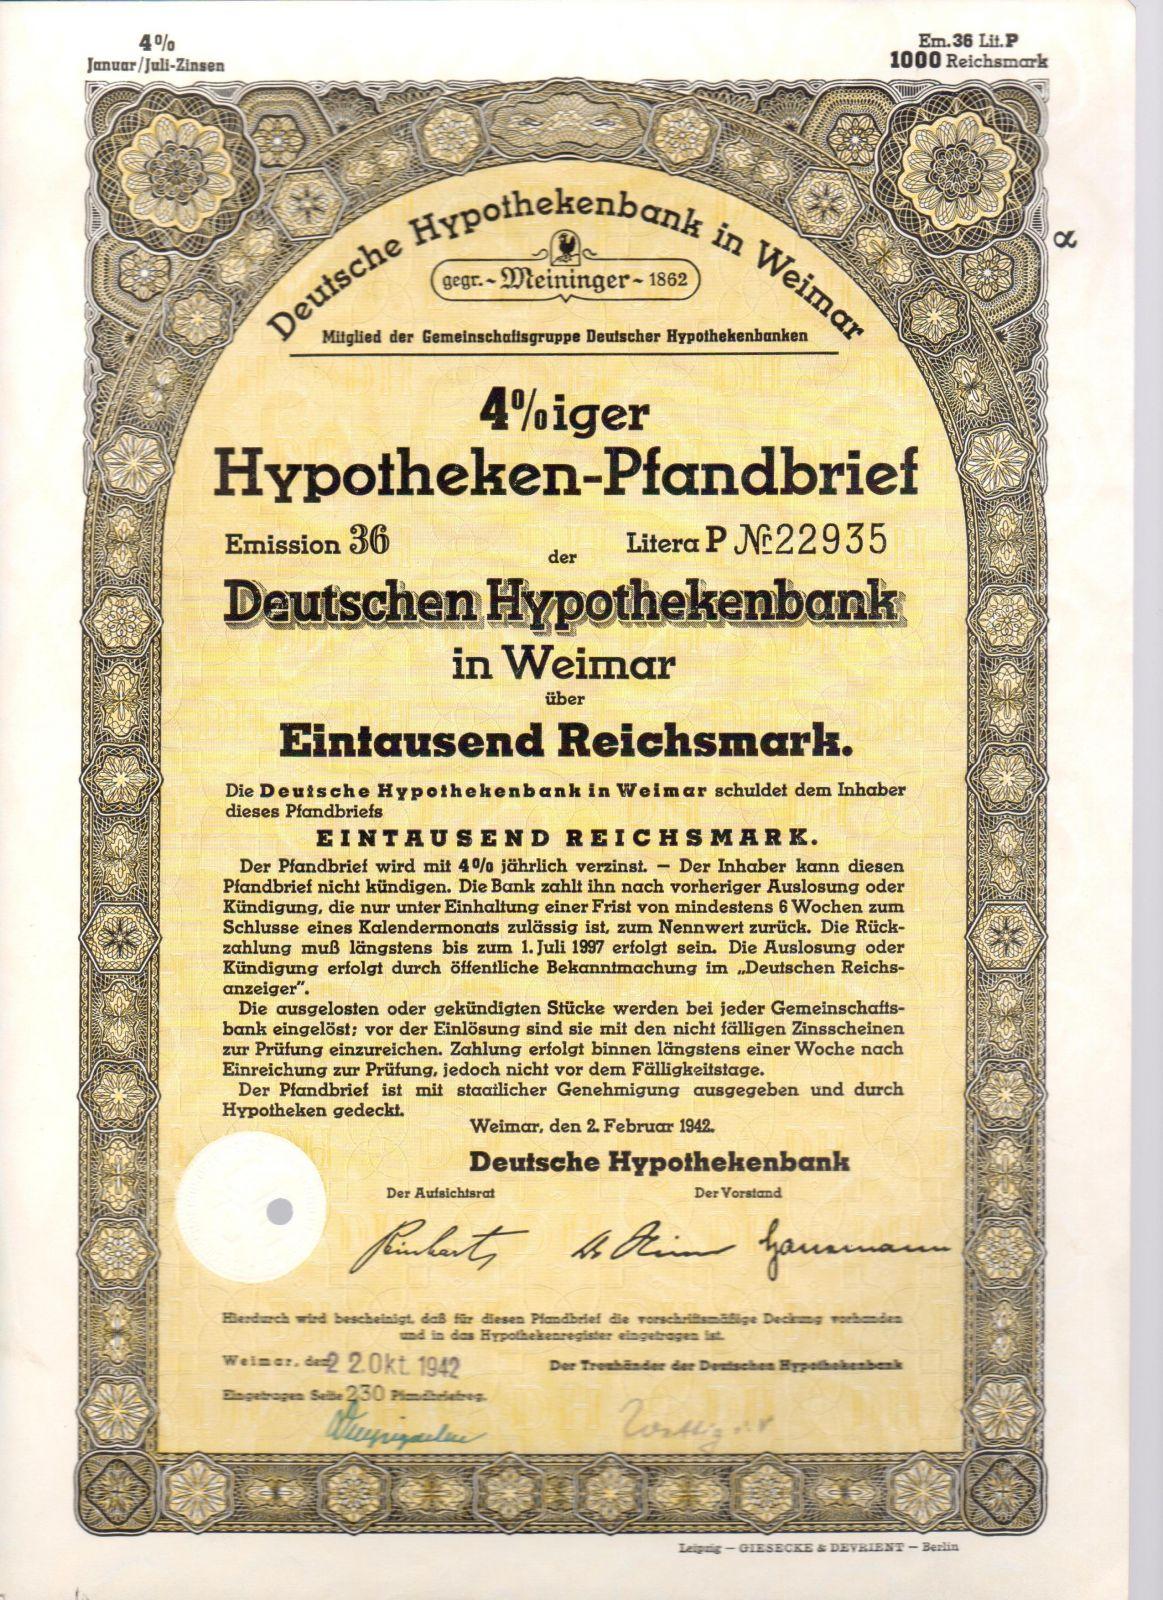 Dluhopis Deutschen Hypothekenbank in Weimar/1942/, 1000 Reichsmark, 4 %, formát A4